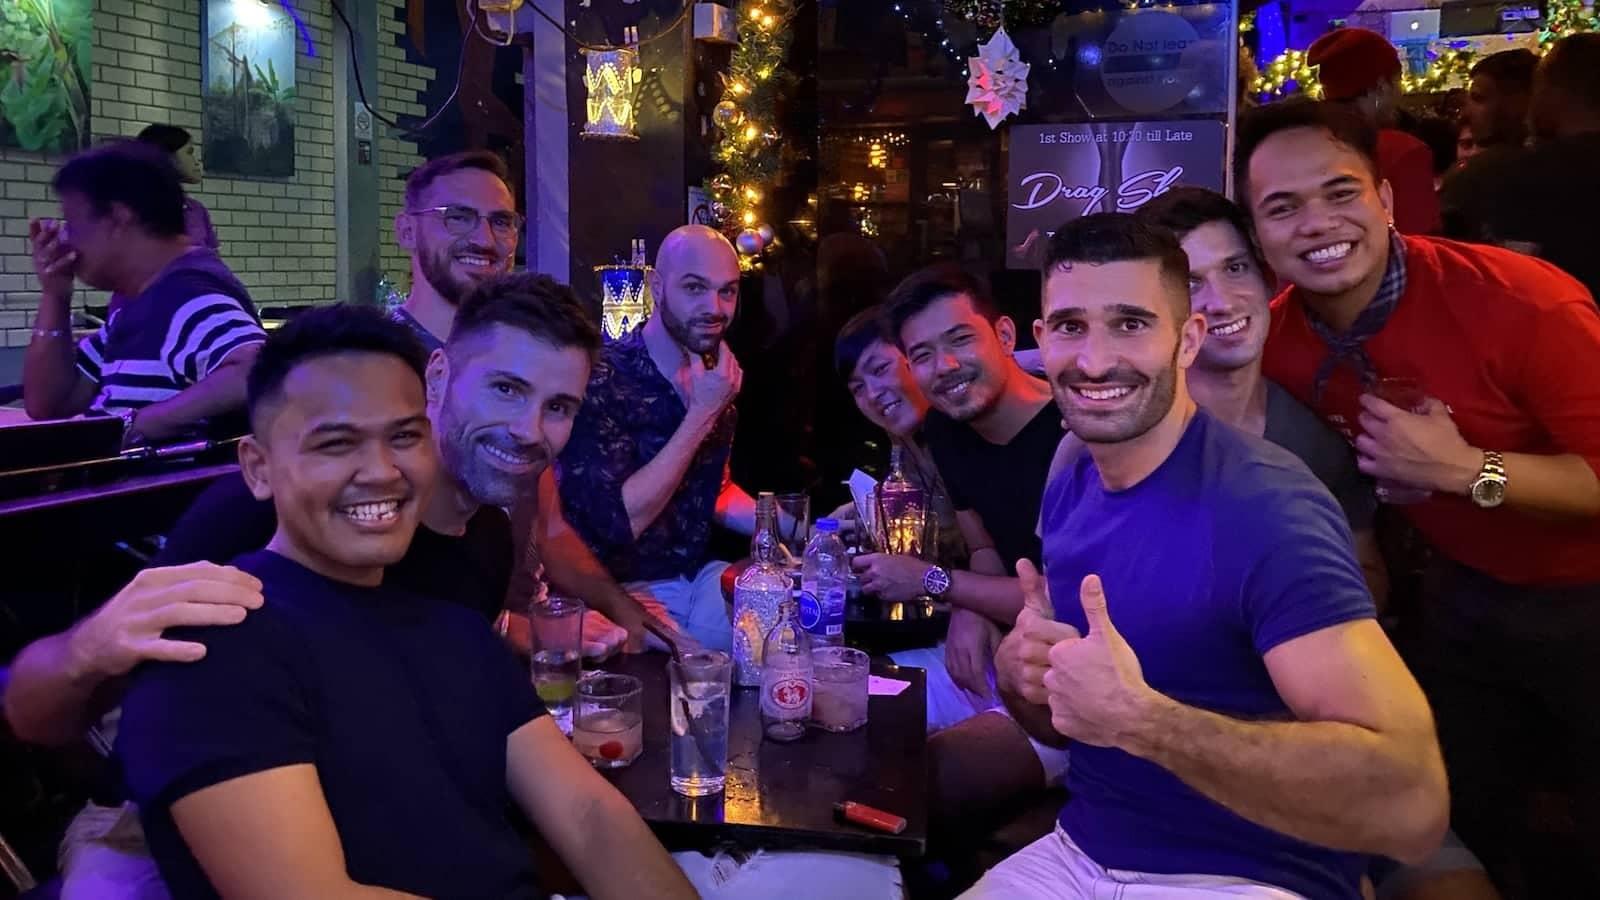 Gay guys having drinks in Bangkok gay scene in Silom Soi 4